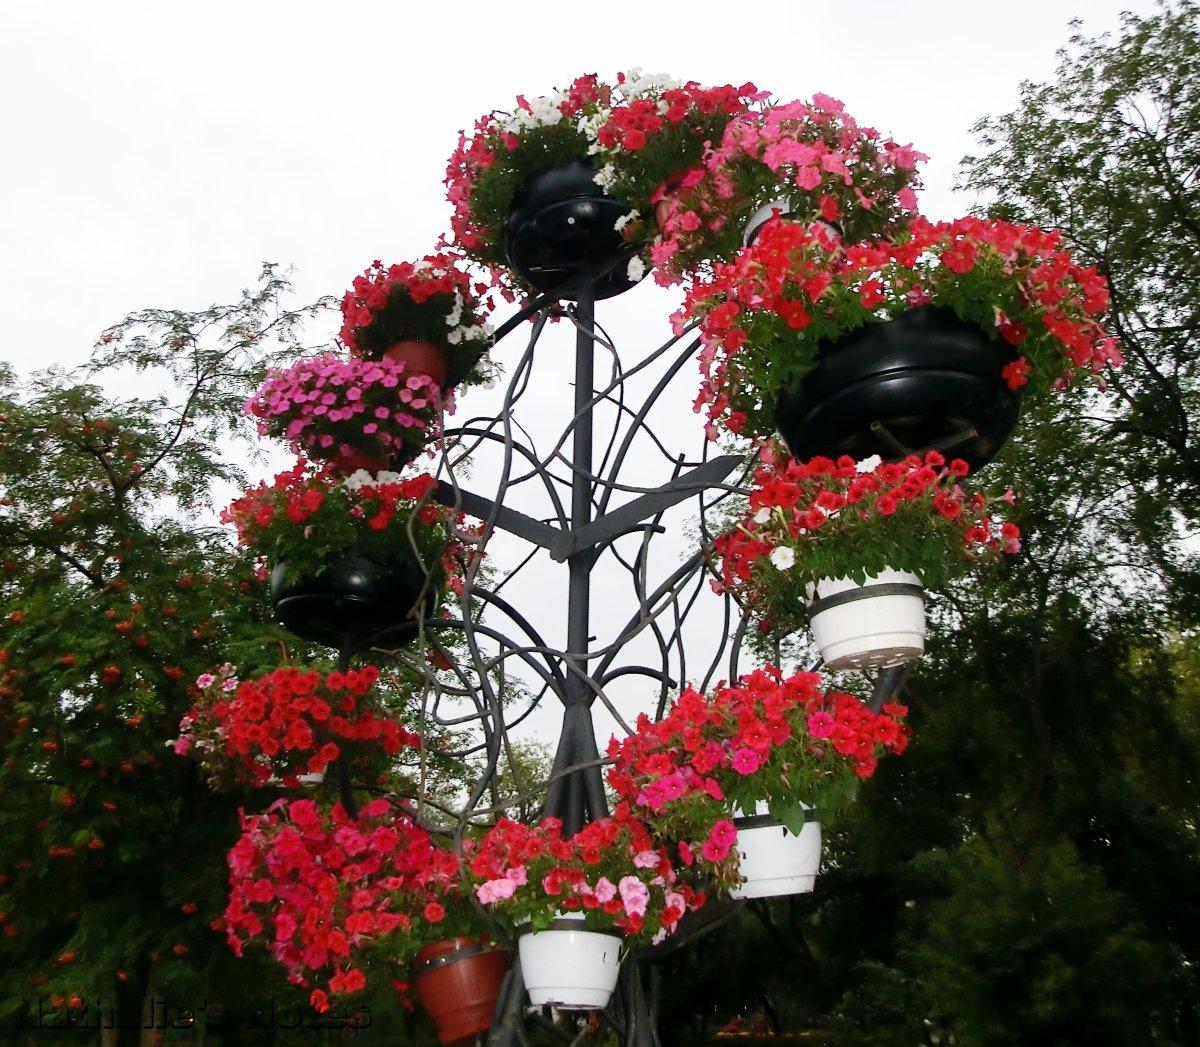 многоярусные кашпо для цветов